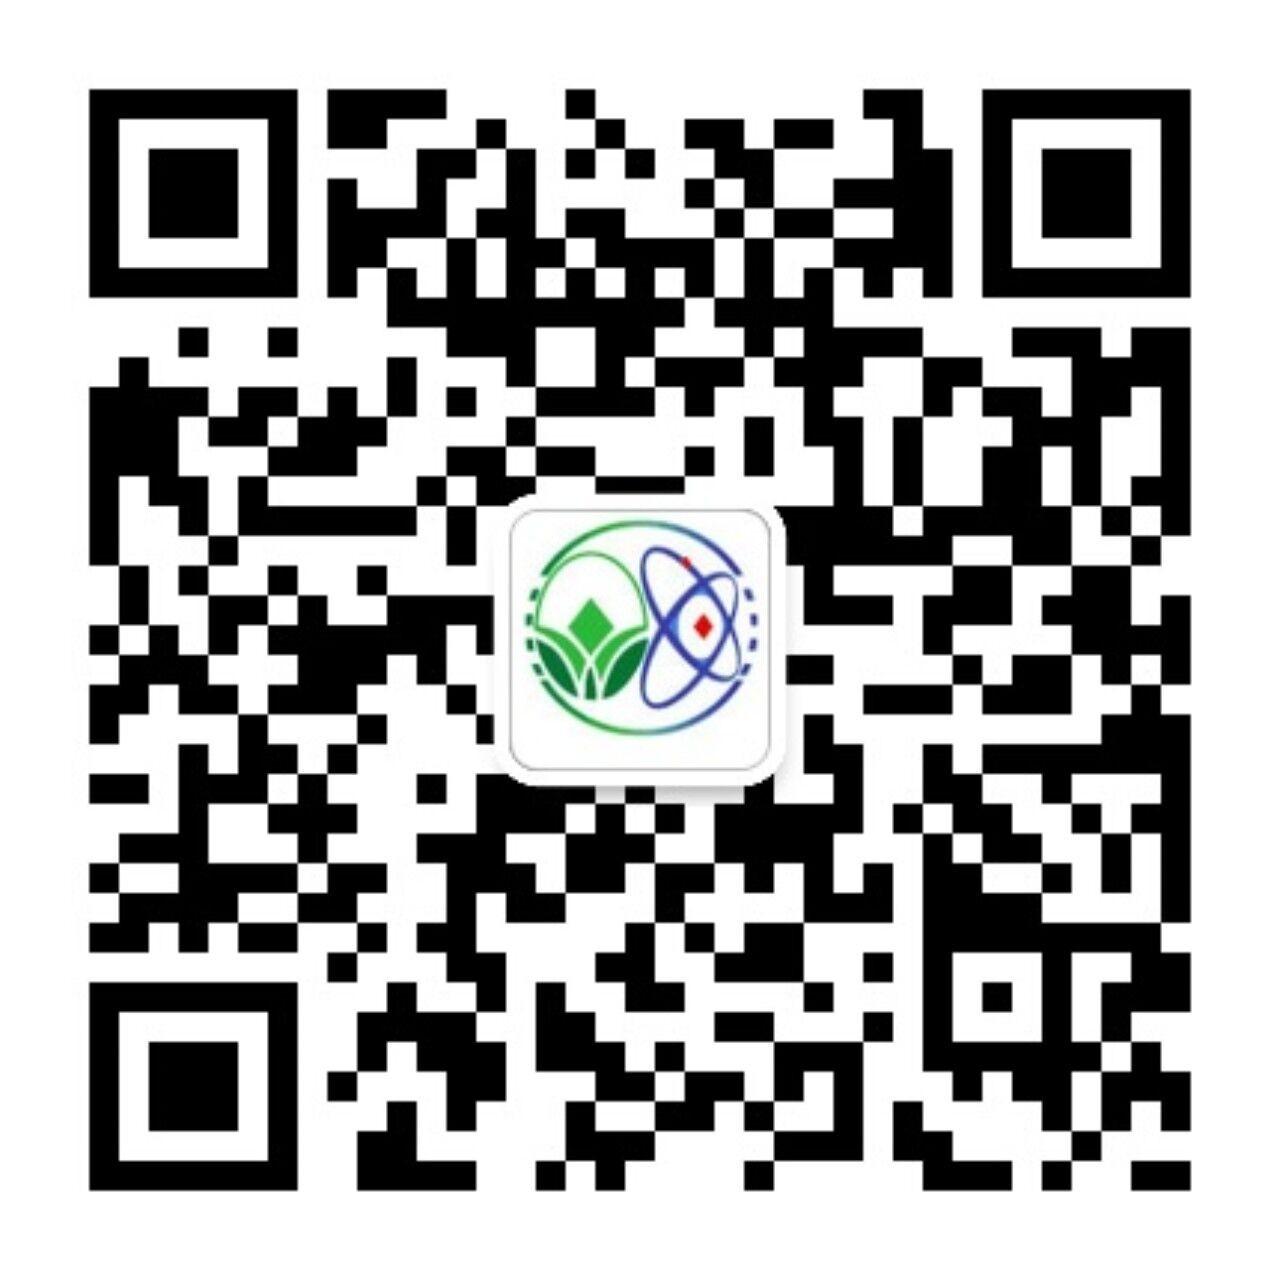 金农股份二维码(20160112).jpg